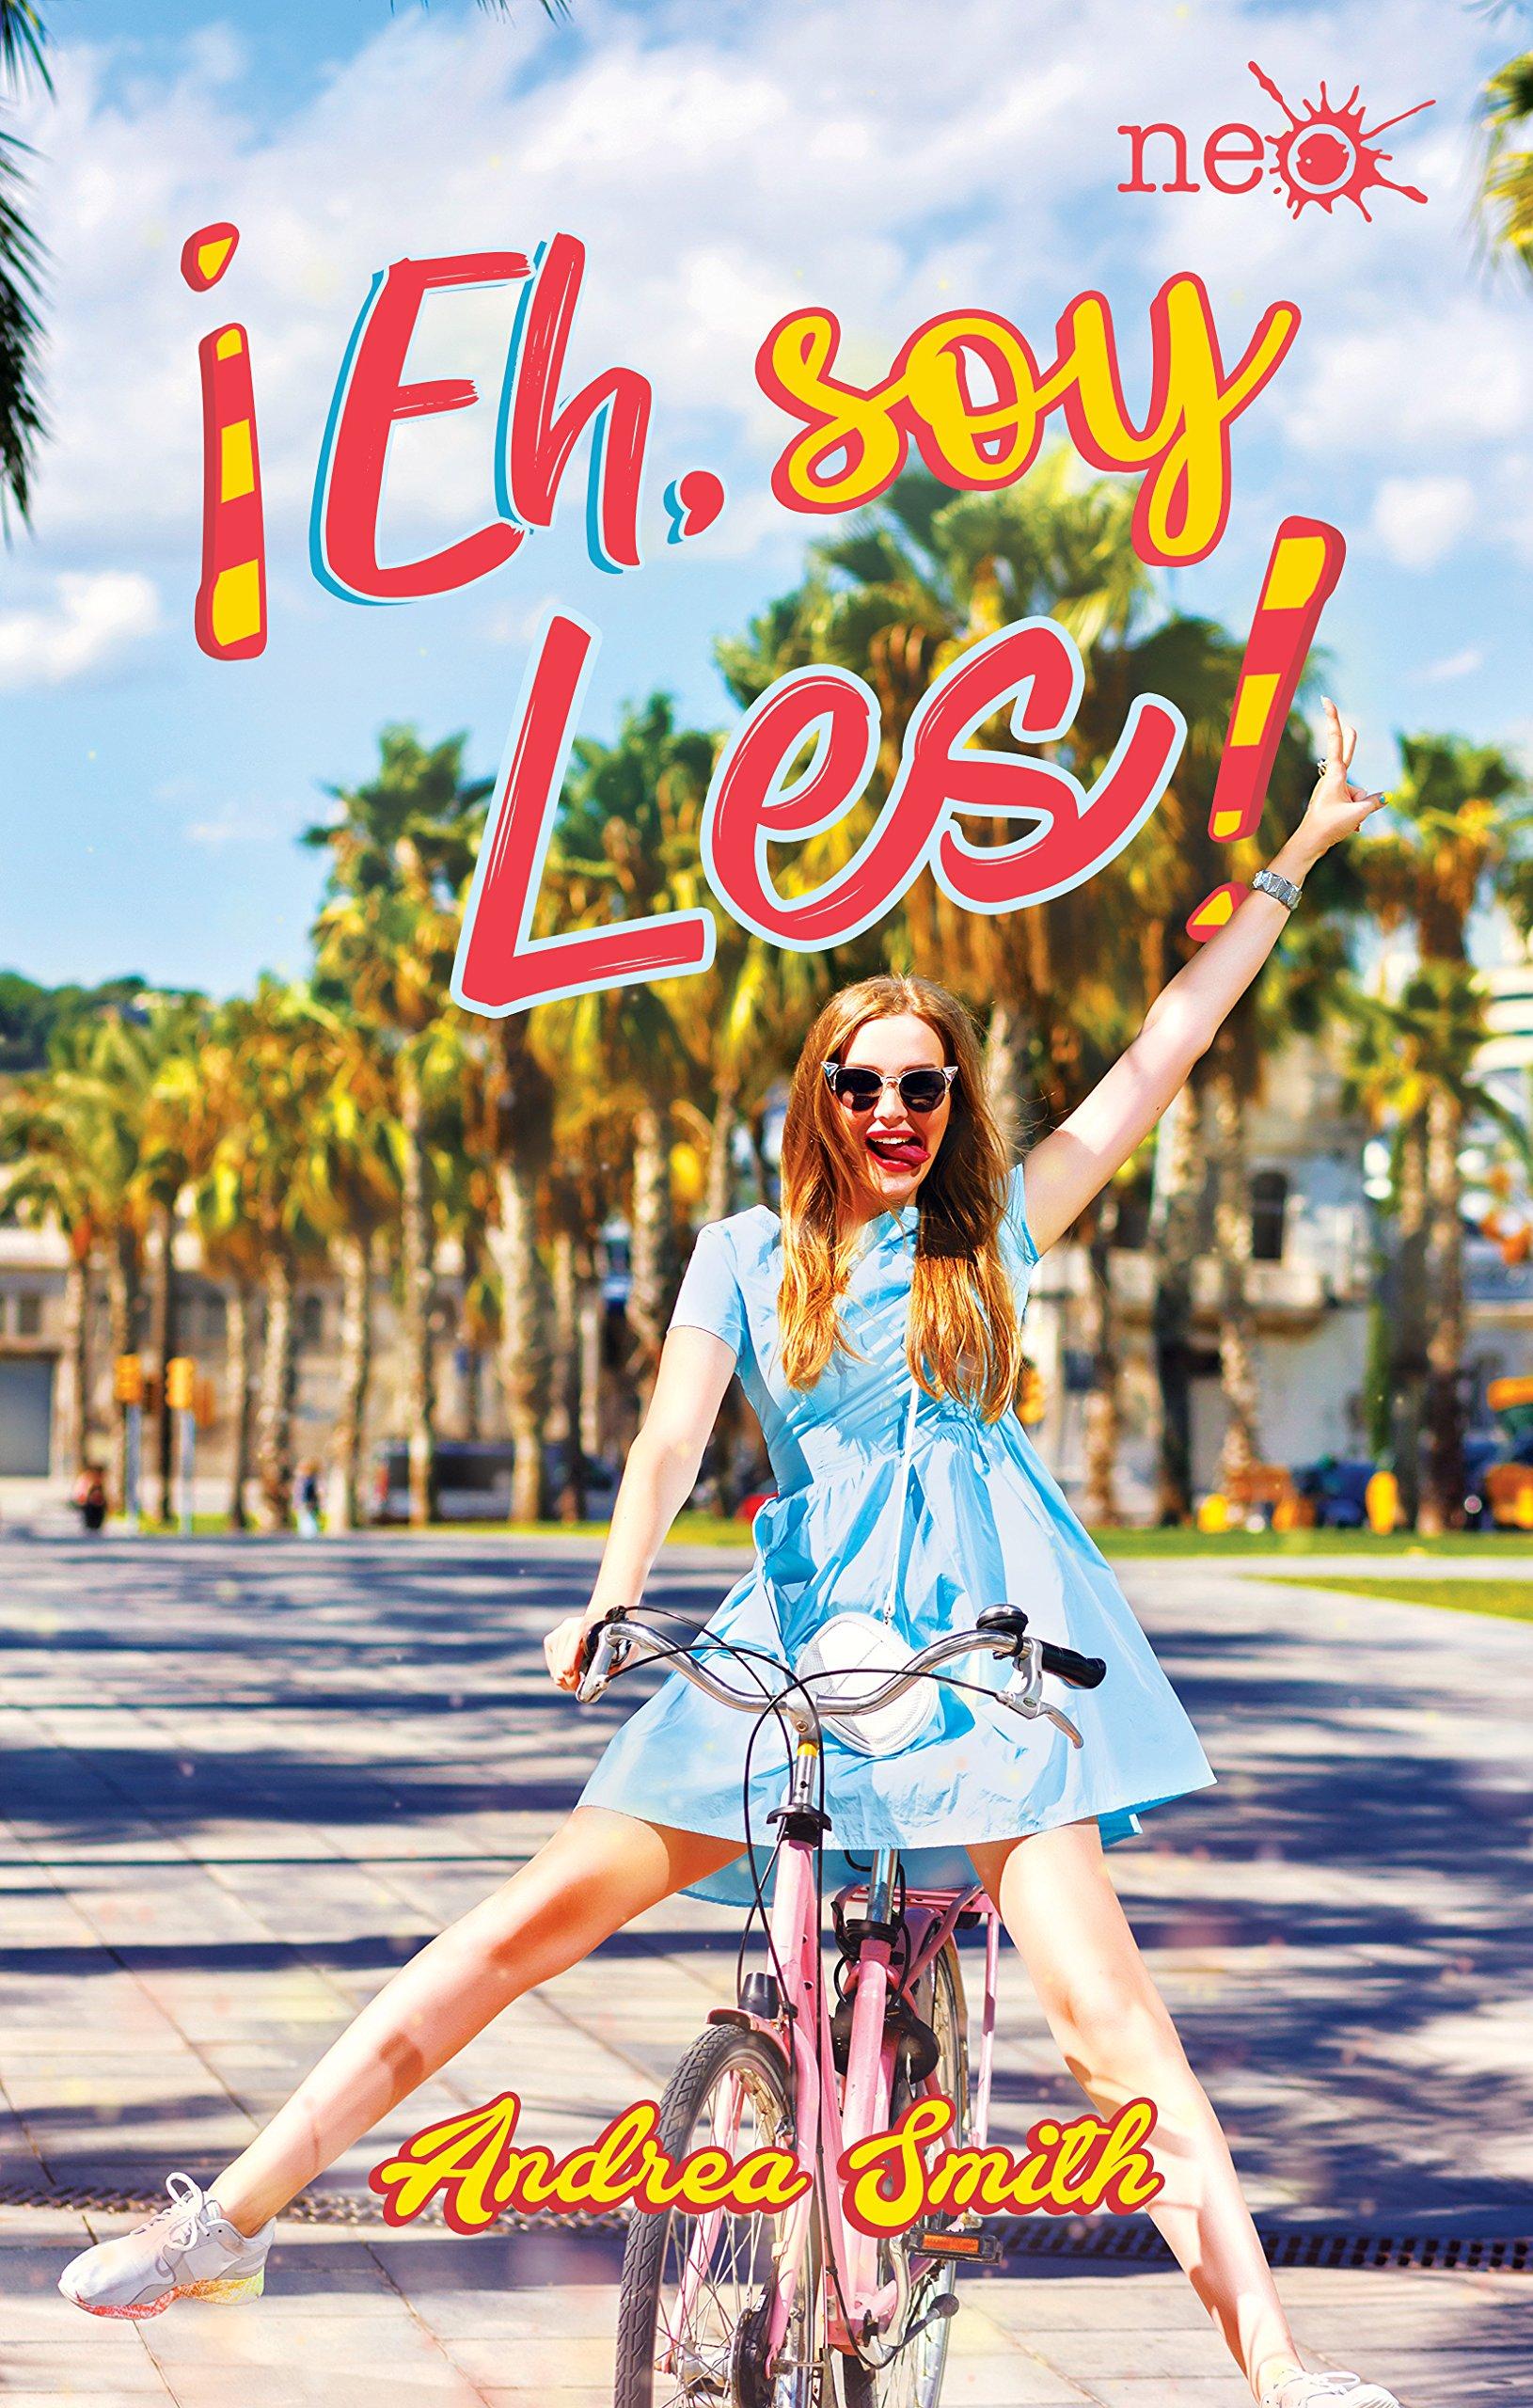 Eh, soy Les!: Amazon.es: Smith, Andrea: Libros